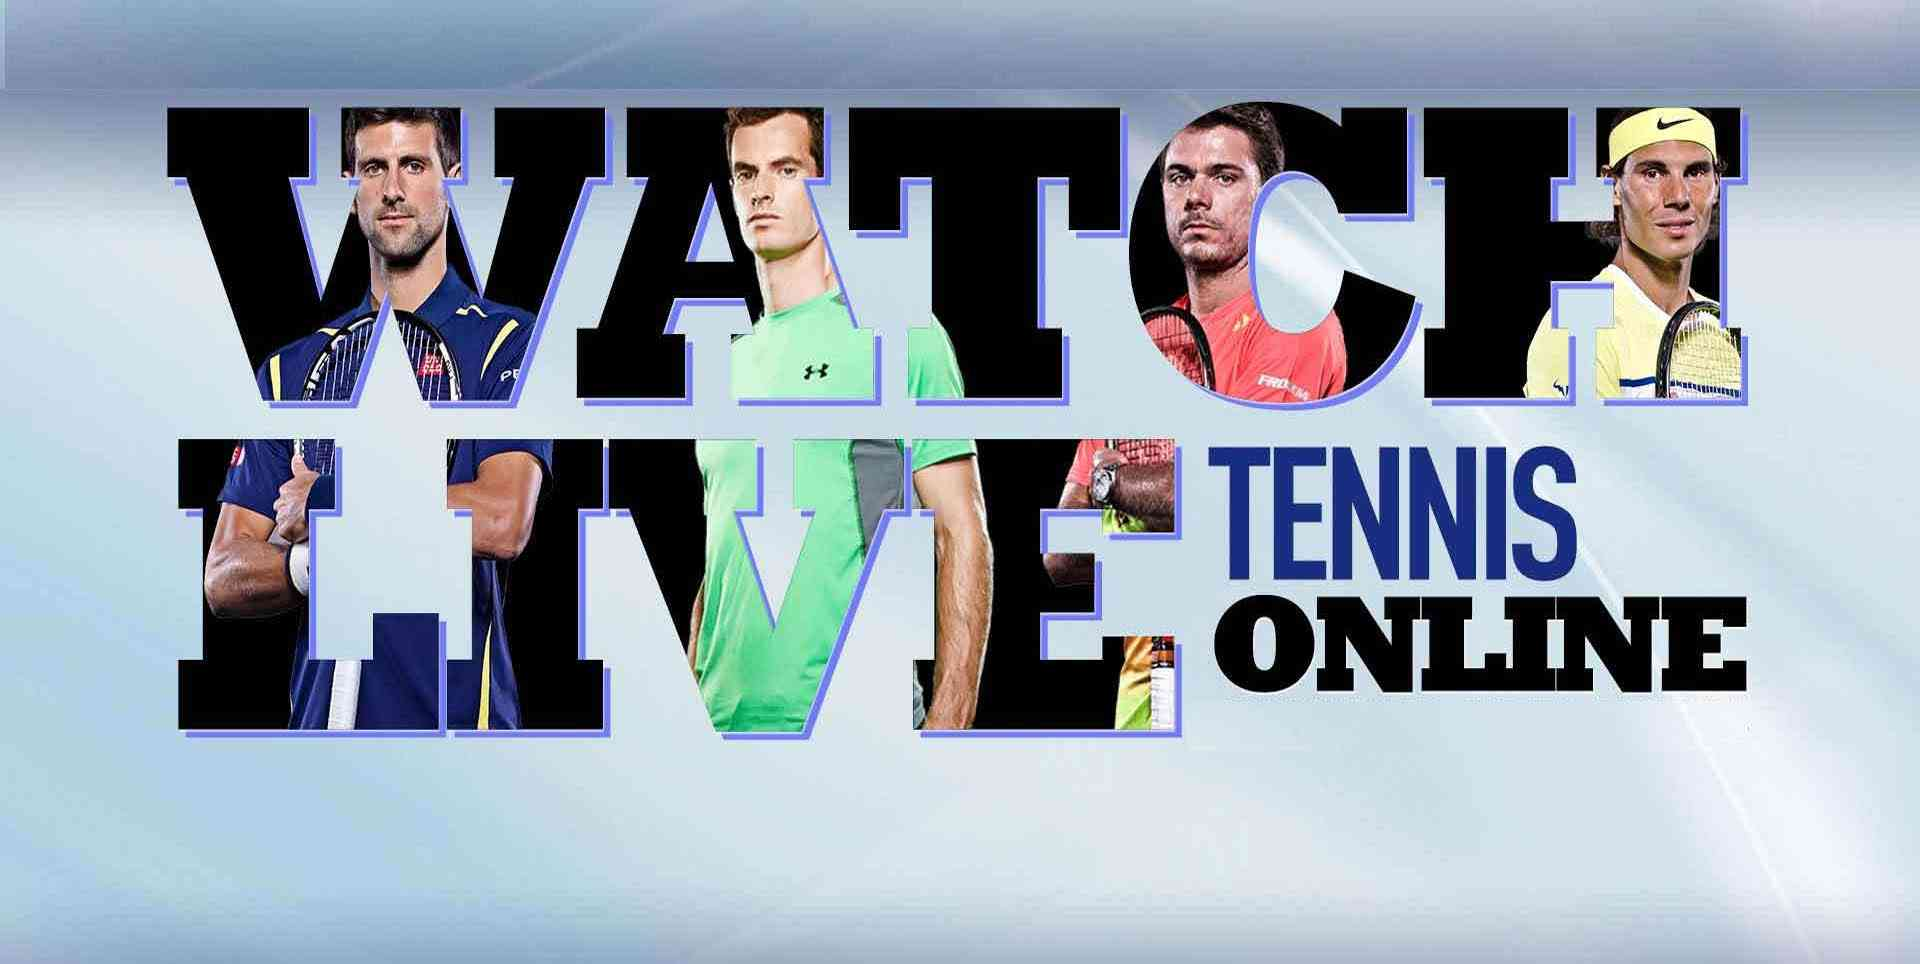 watch-a.-cornet-vs-s.-cirstea-quarterfinals-online-2013